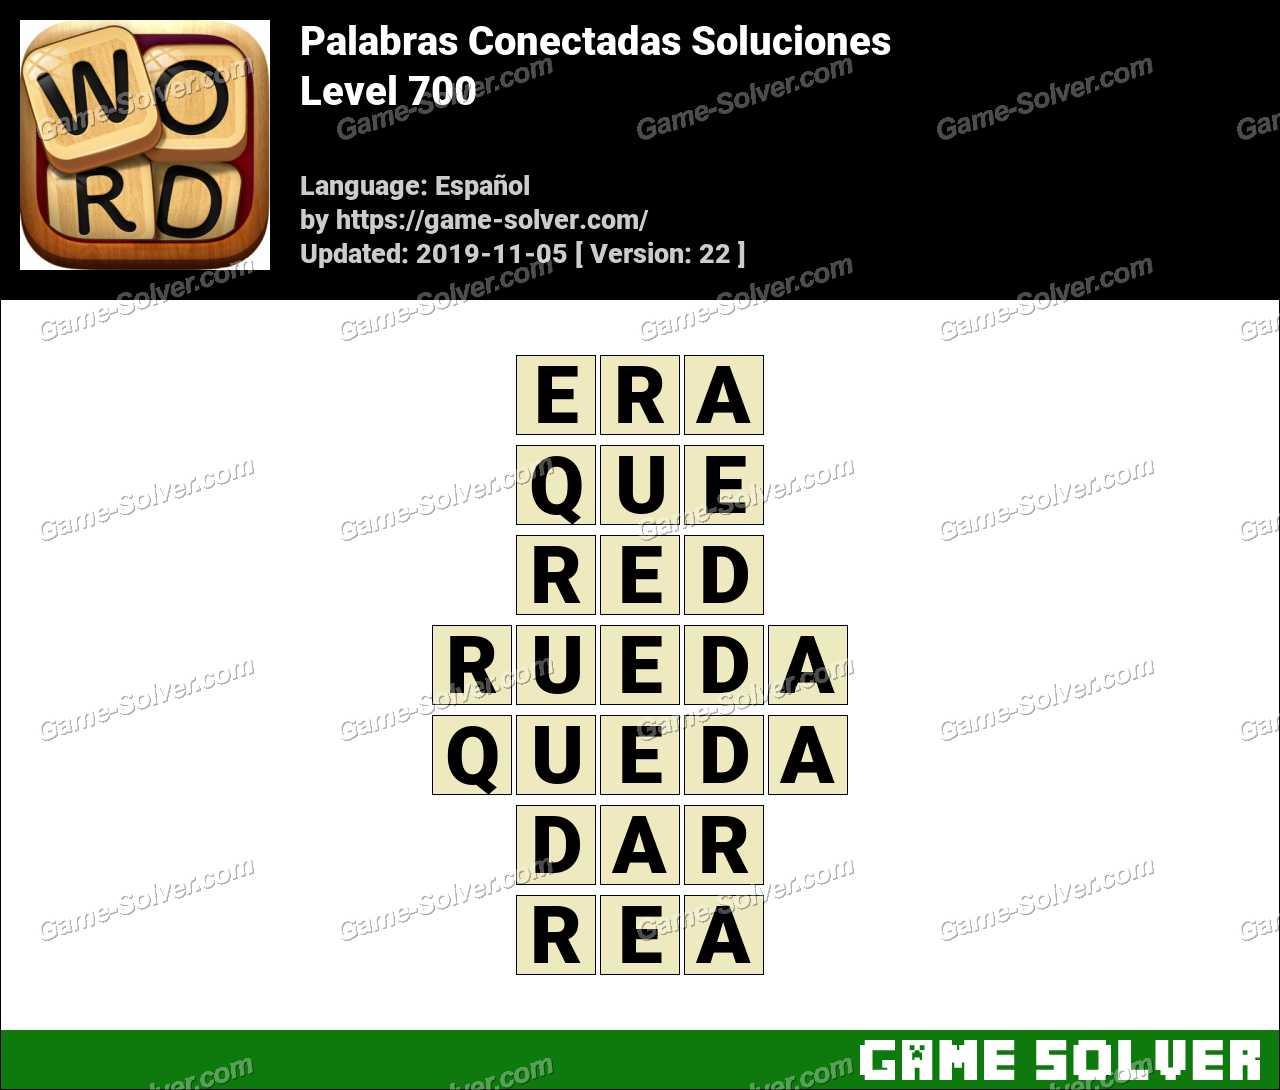 Palabras Conectadas Nivel 700 Soluciones